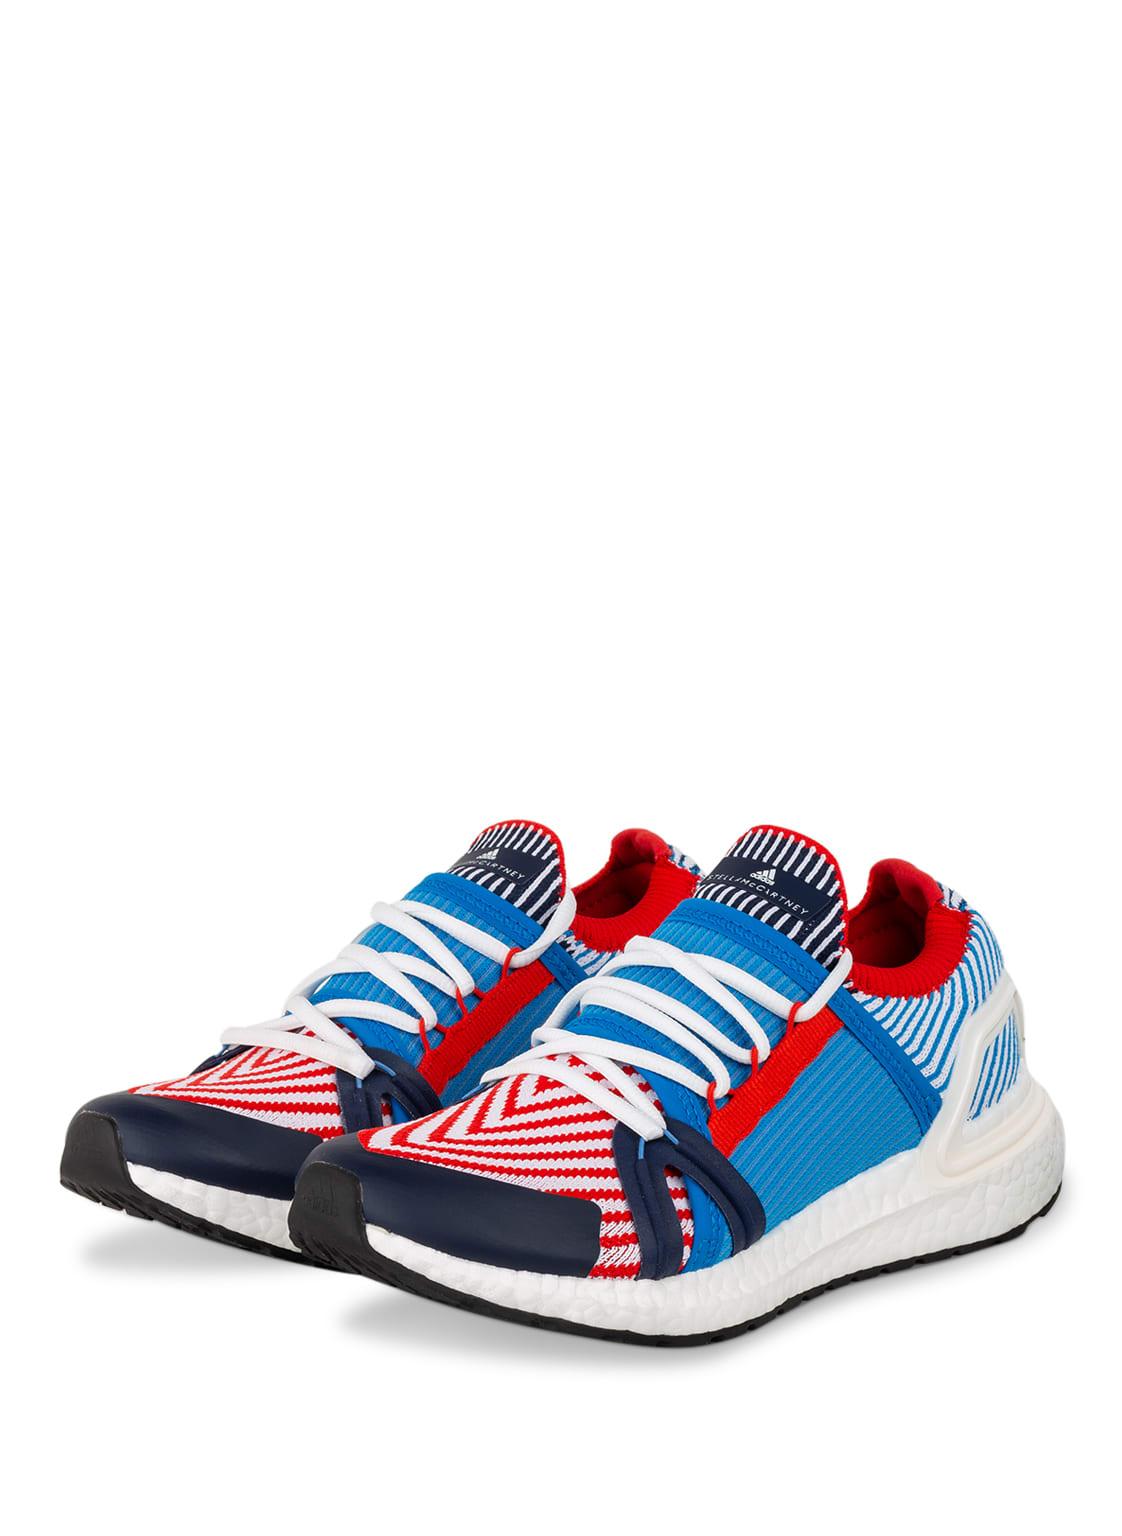 Image of Adidas By Stella Mccartney Laufschuhe Ultraboost 20 S. blau